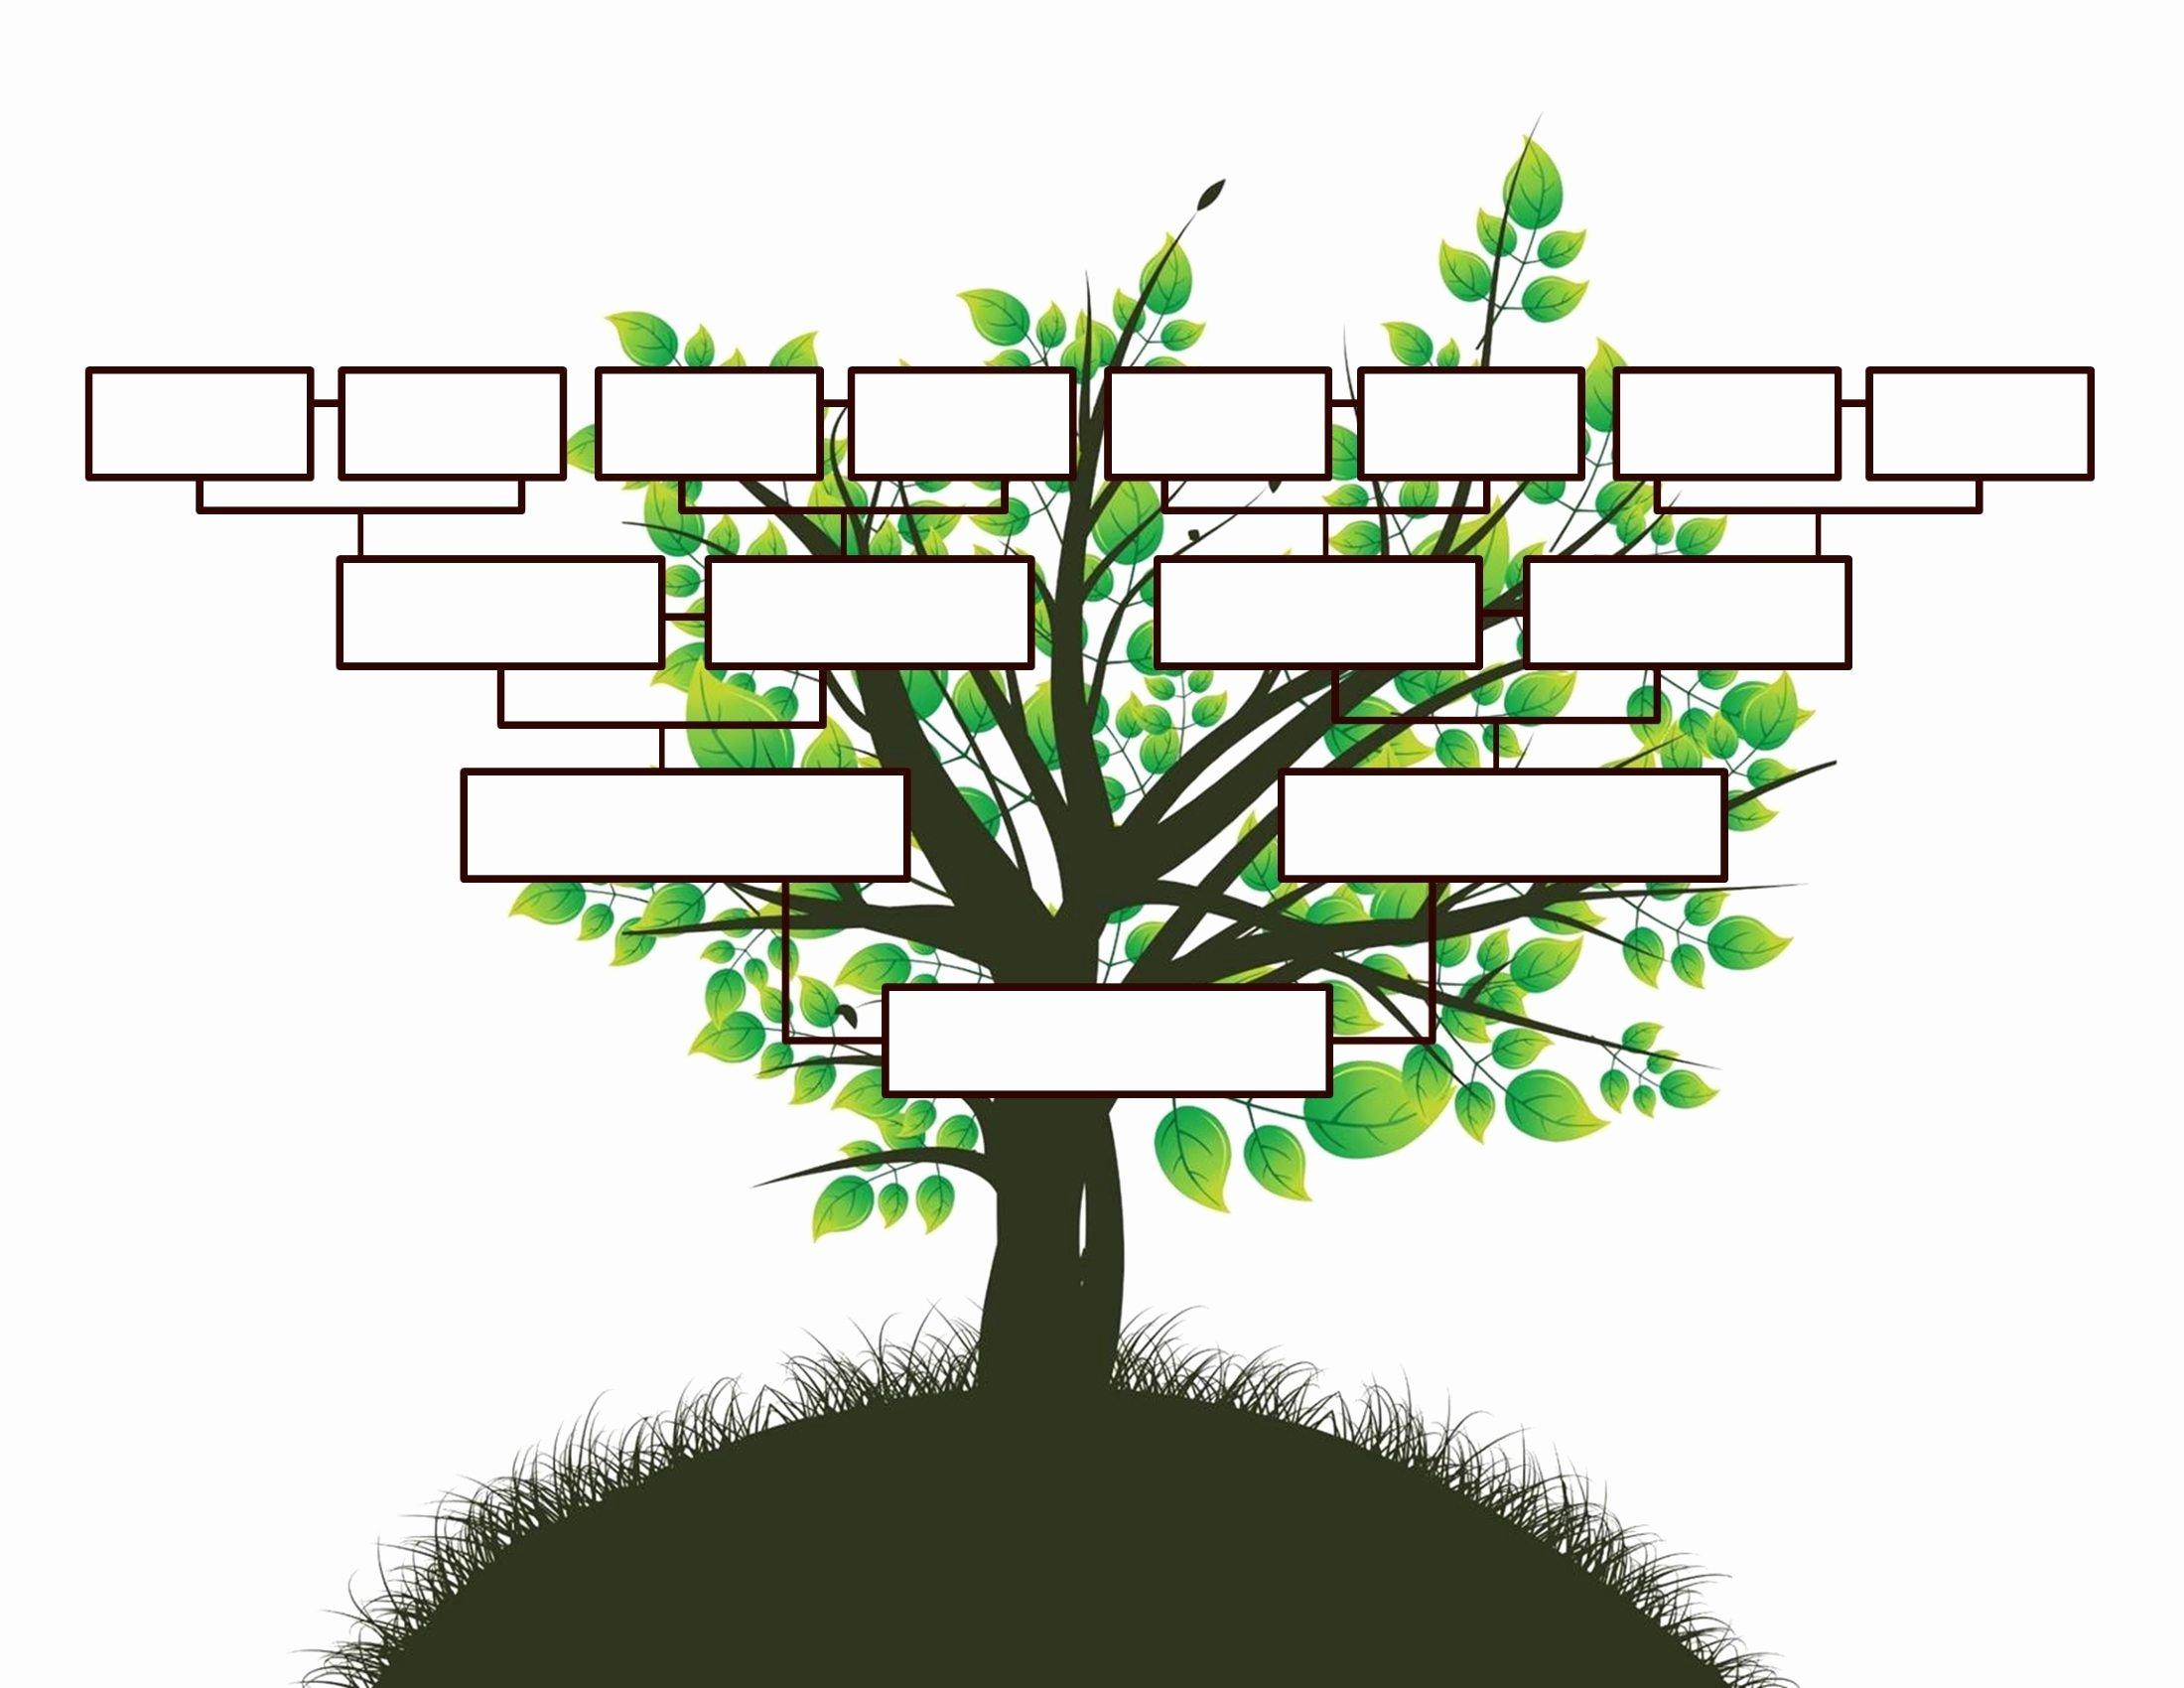 Editable Family Tree Templates Lovely Free Editable Family Tree Template Daily Roabox